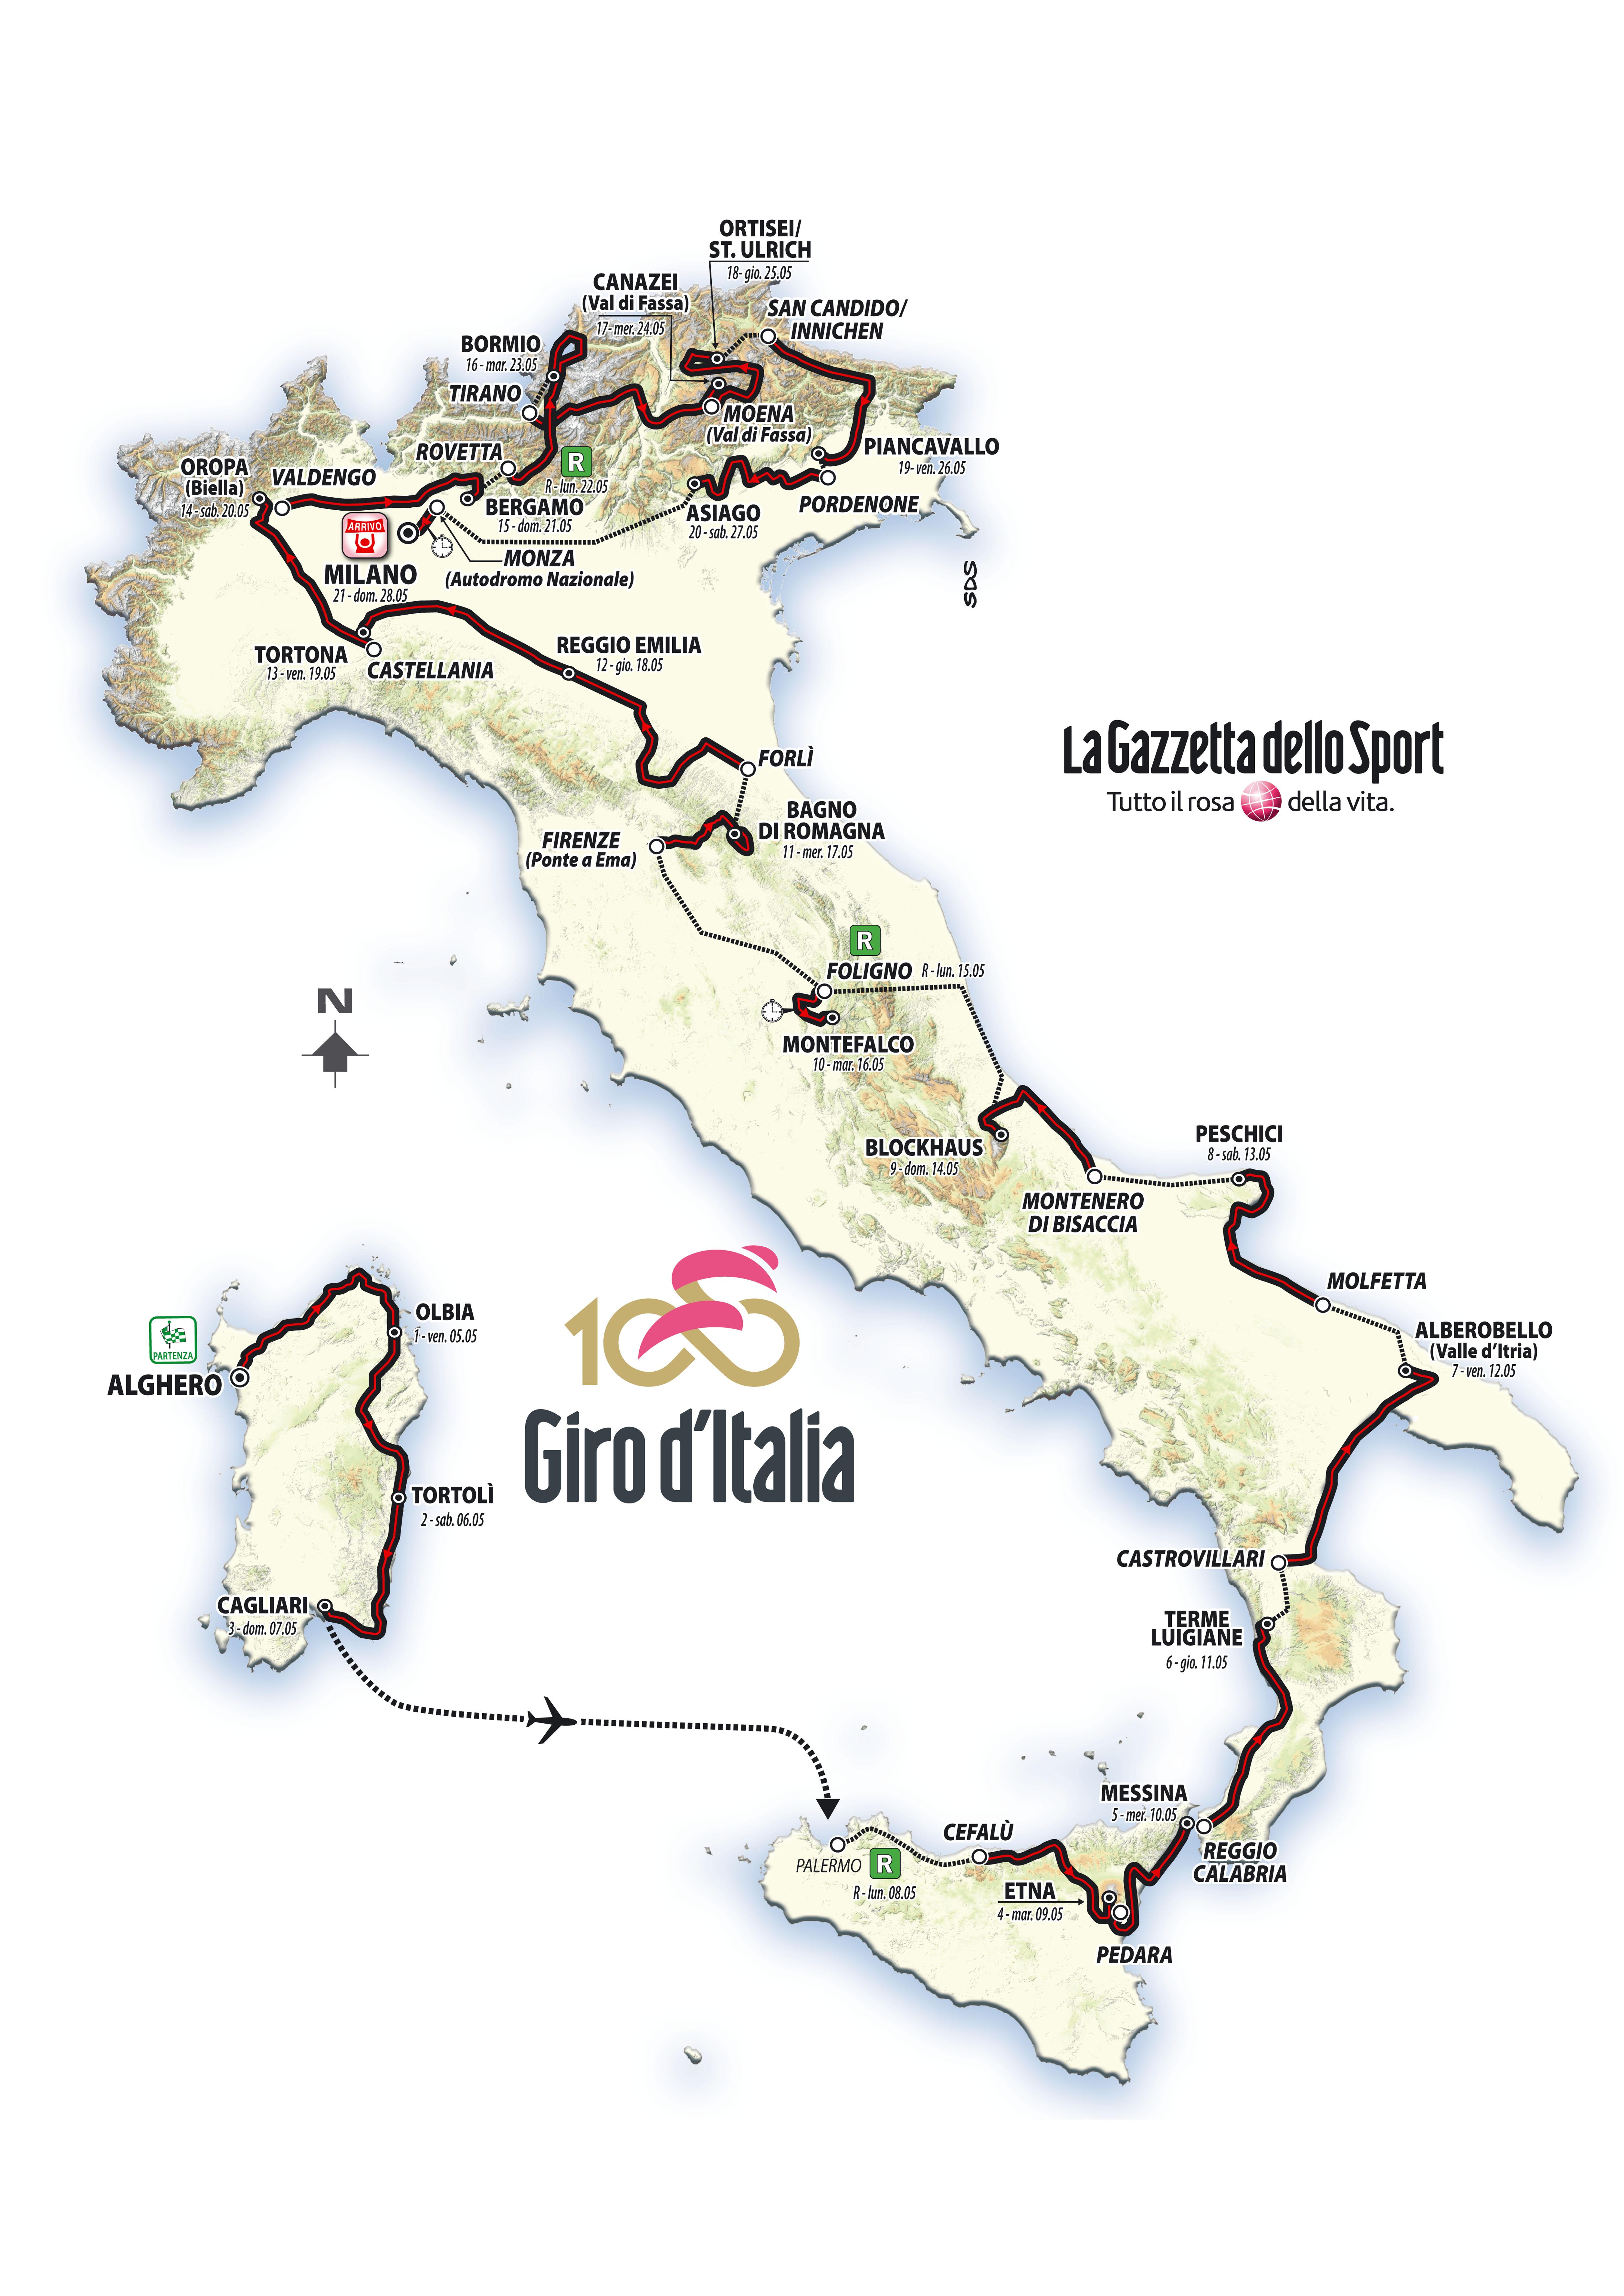 Cartina Percorso Giro D Italia 2017.Giro 2017 Bravo Ma Non Si Impegna Lasterketa Burua